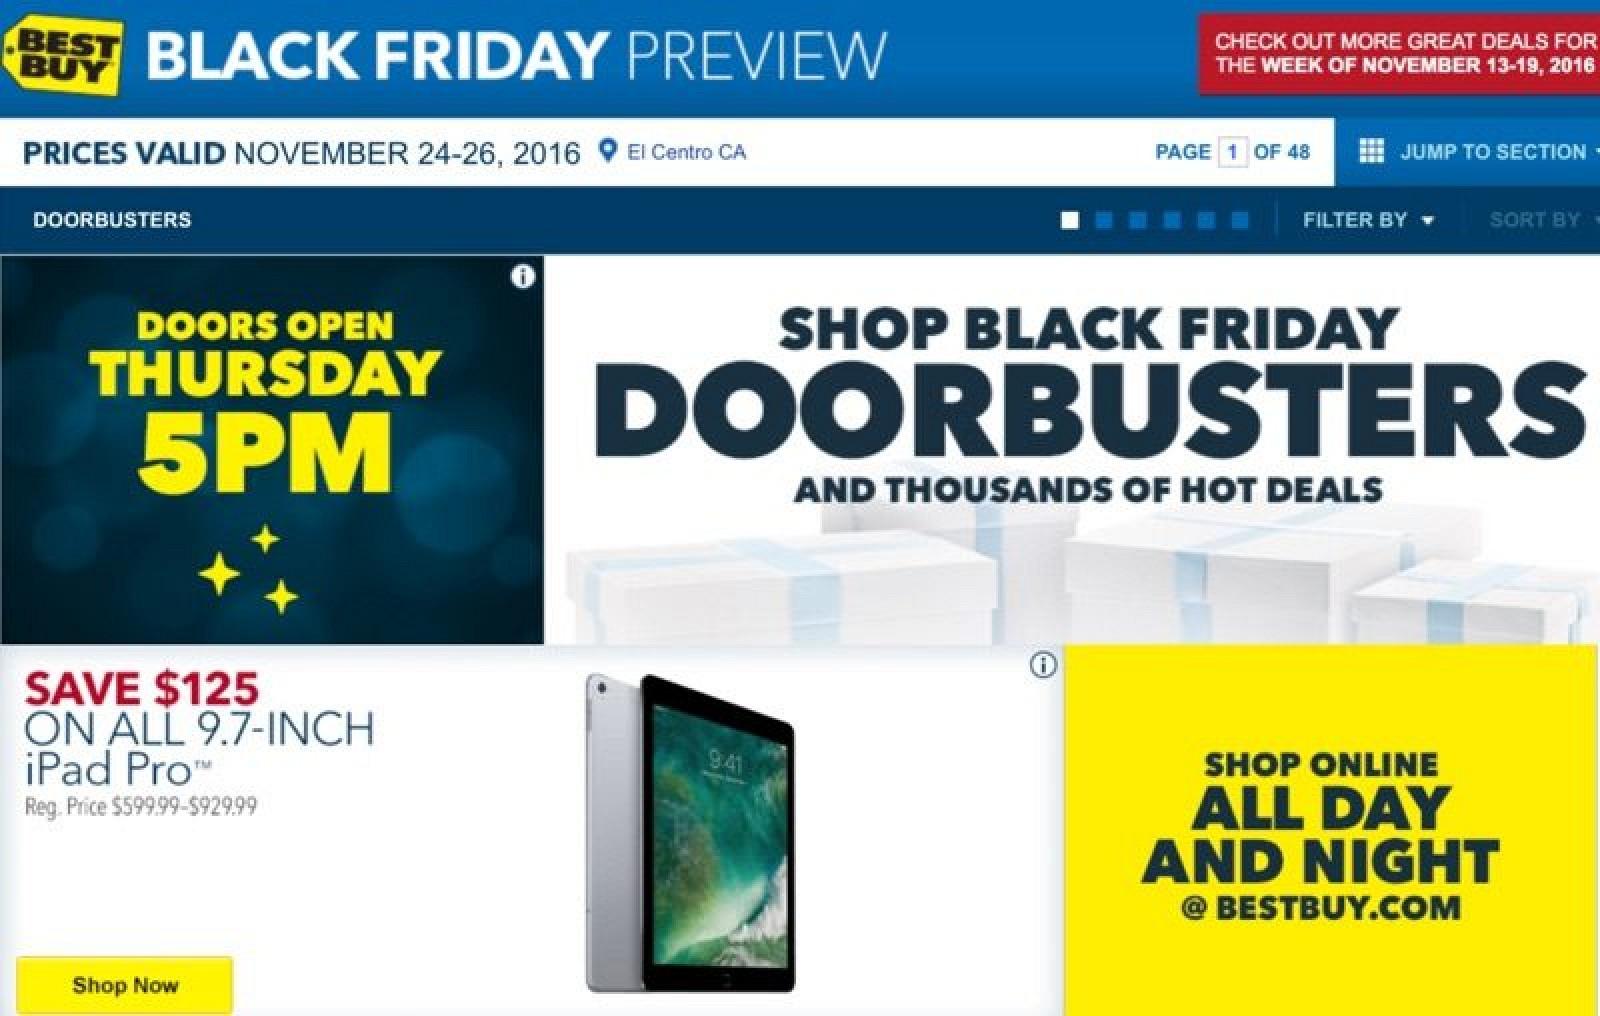 Ipad deals best buy black friday